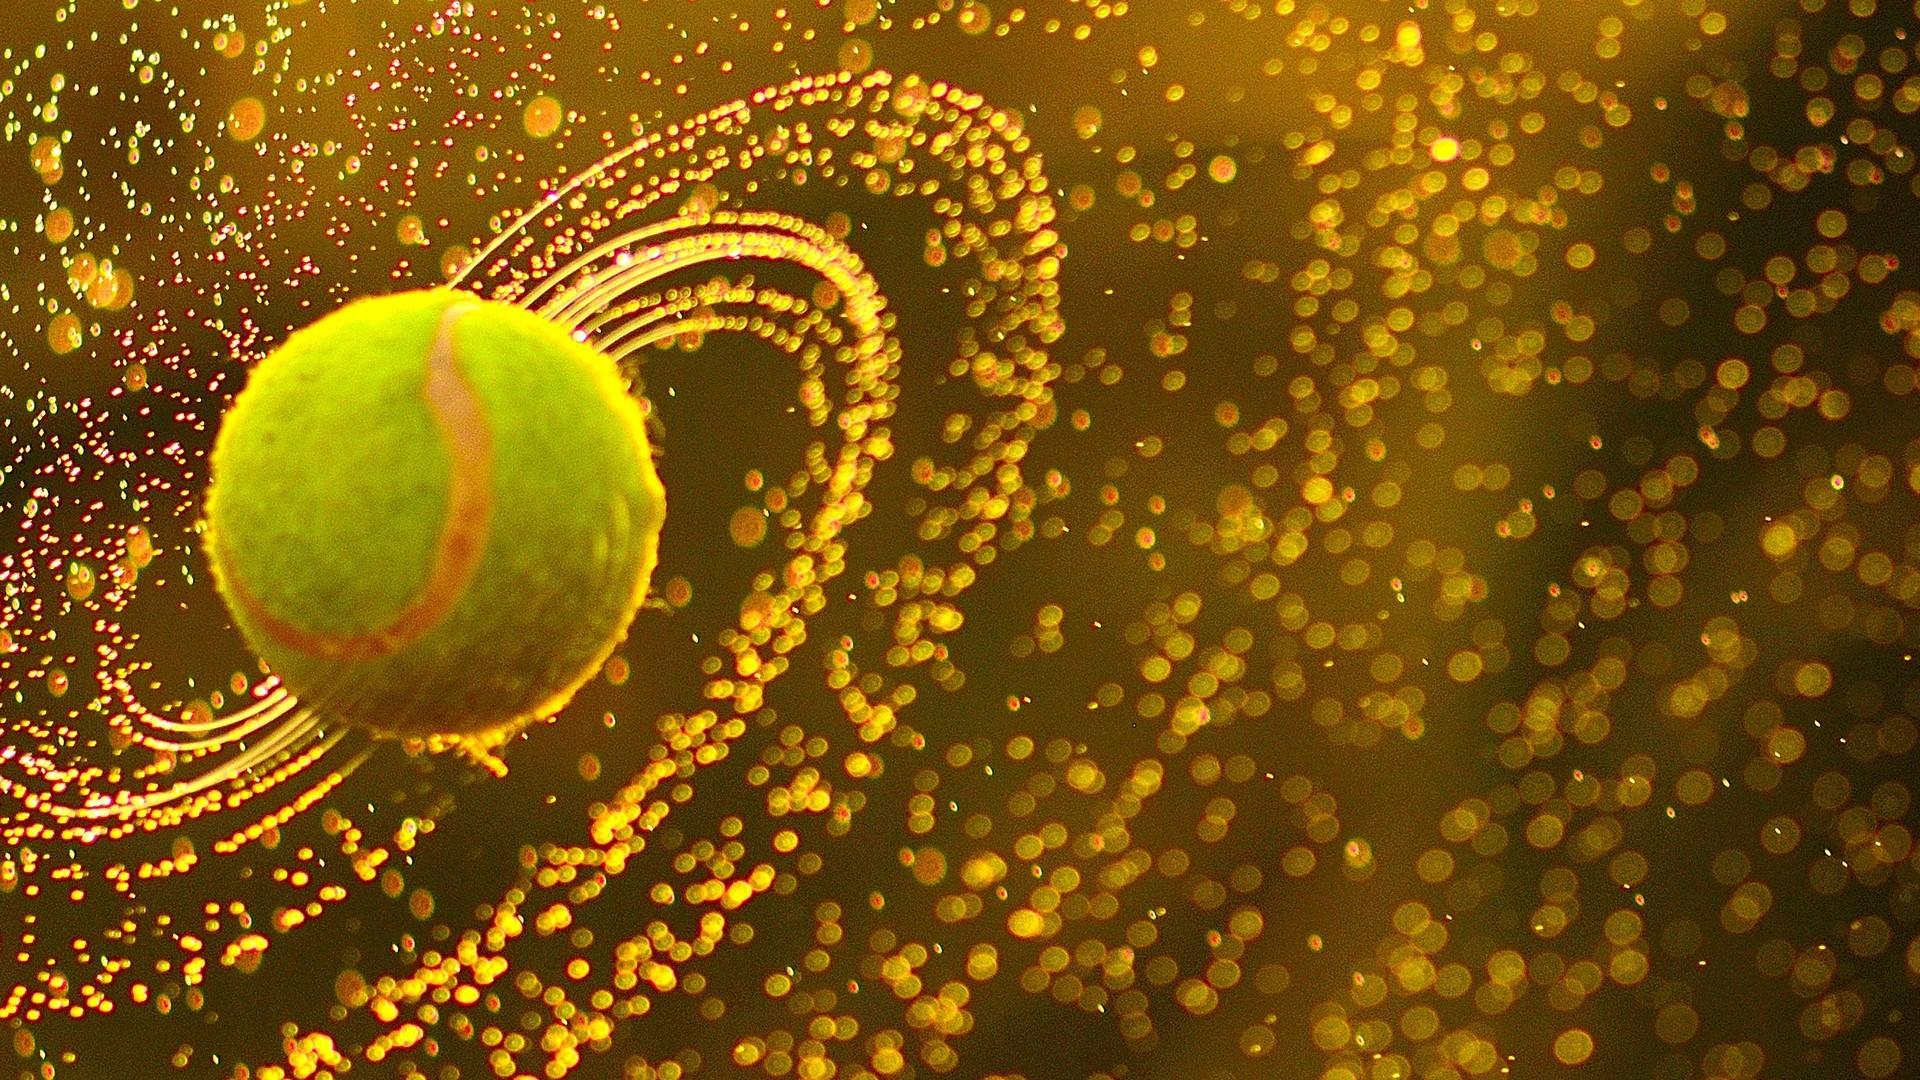 Free Tennis Wallpaper – WallpaperSafari